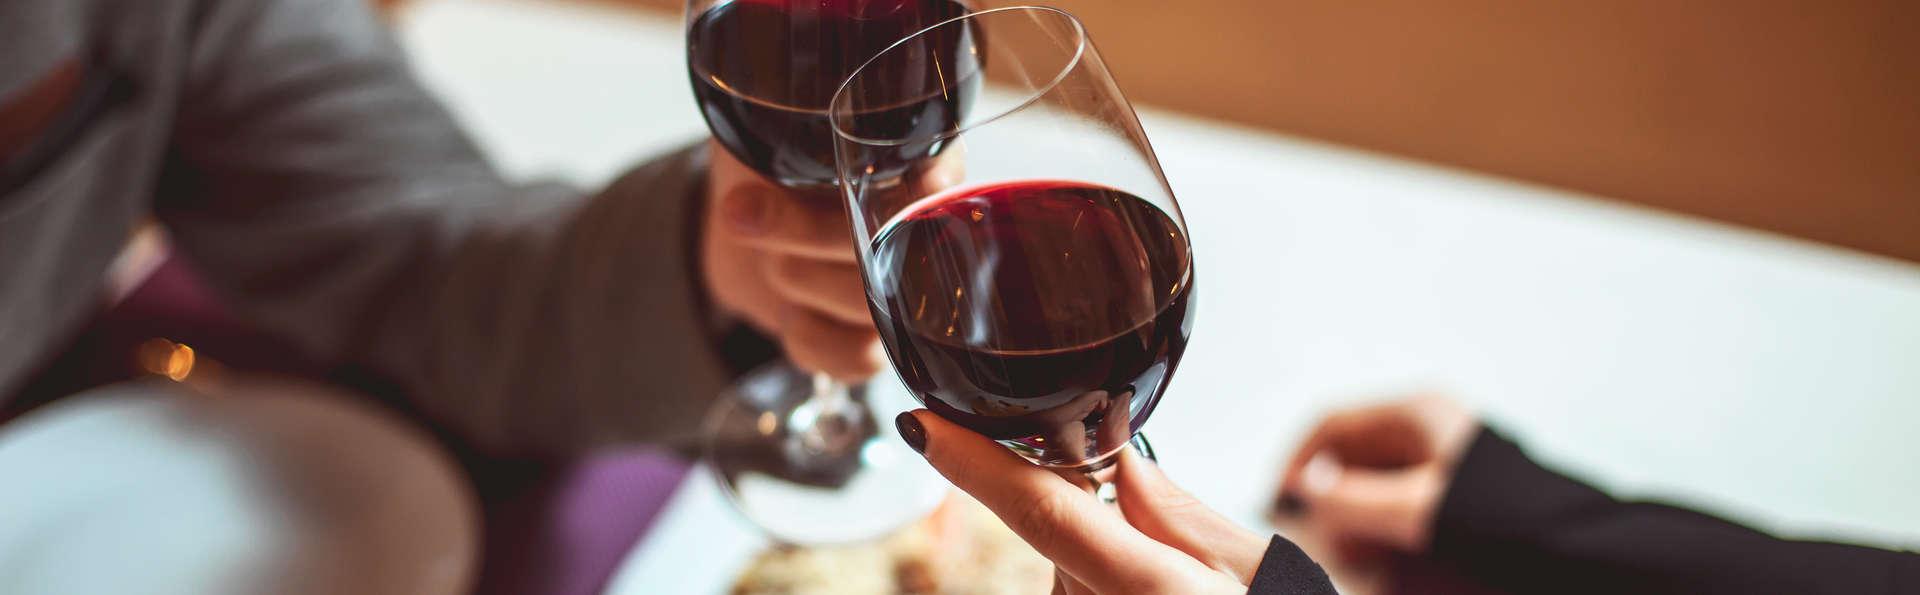 Soggiorno rilassante a Chianciano: offerta con cena e accesso alle Terme! (da 2 notti)